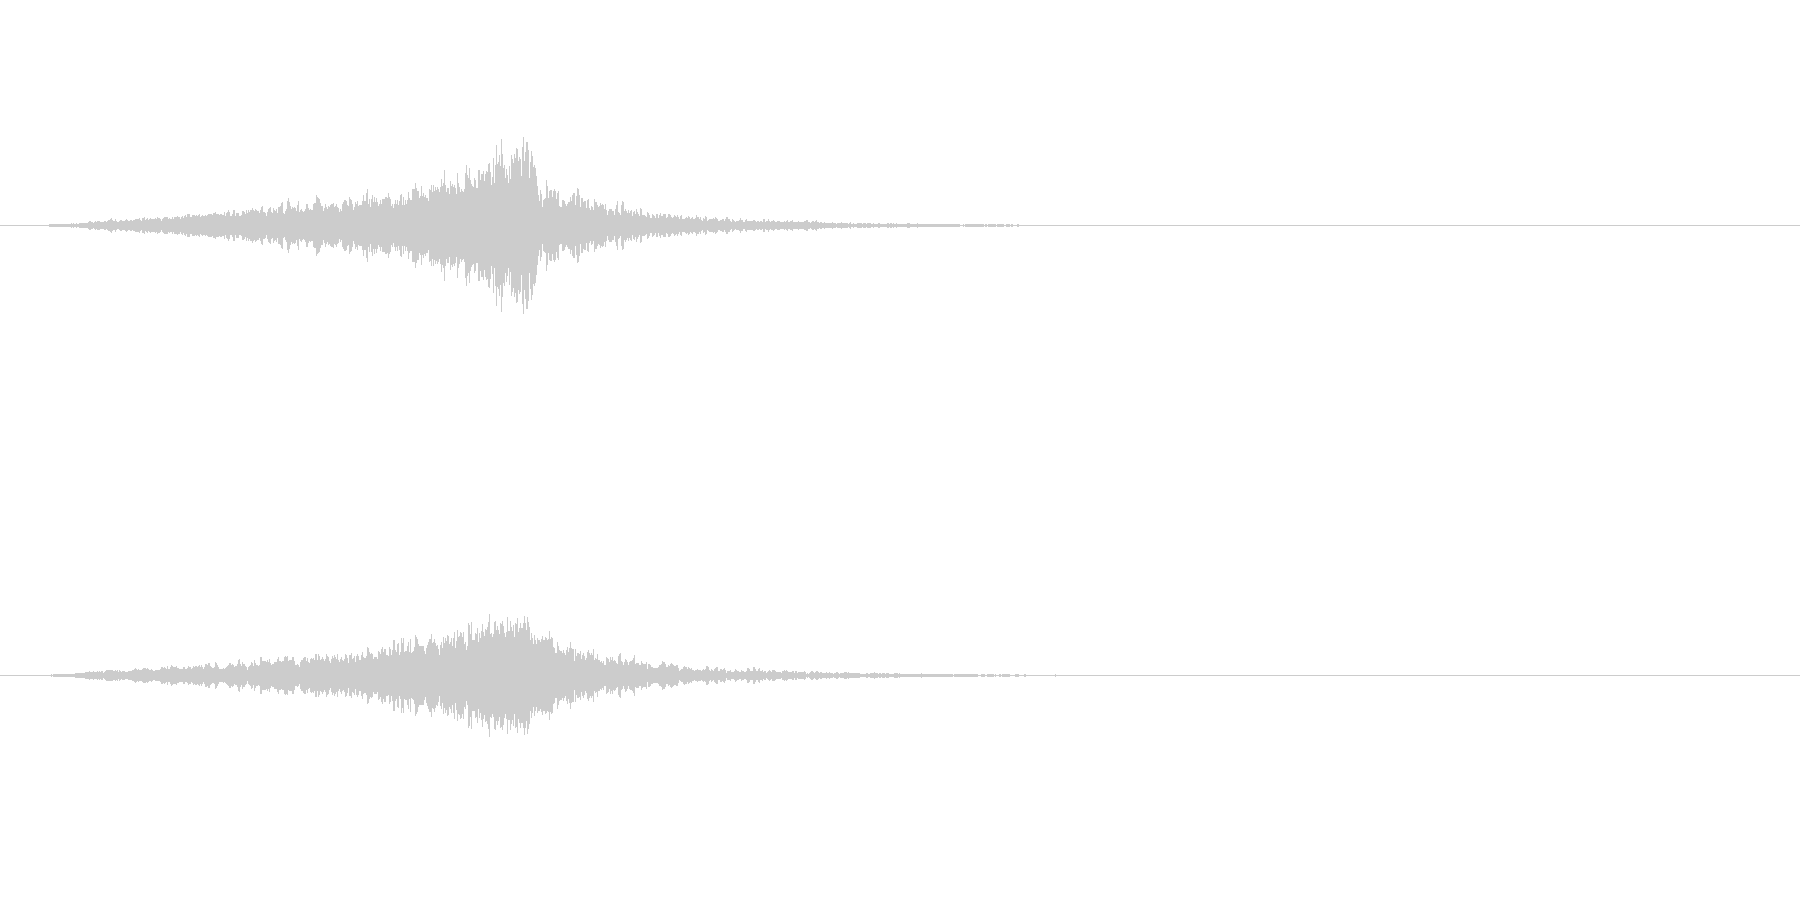 ヴァイオリン、クレッシェンドリマイ...の未再生の波形